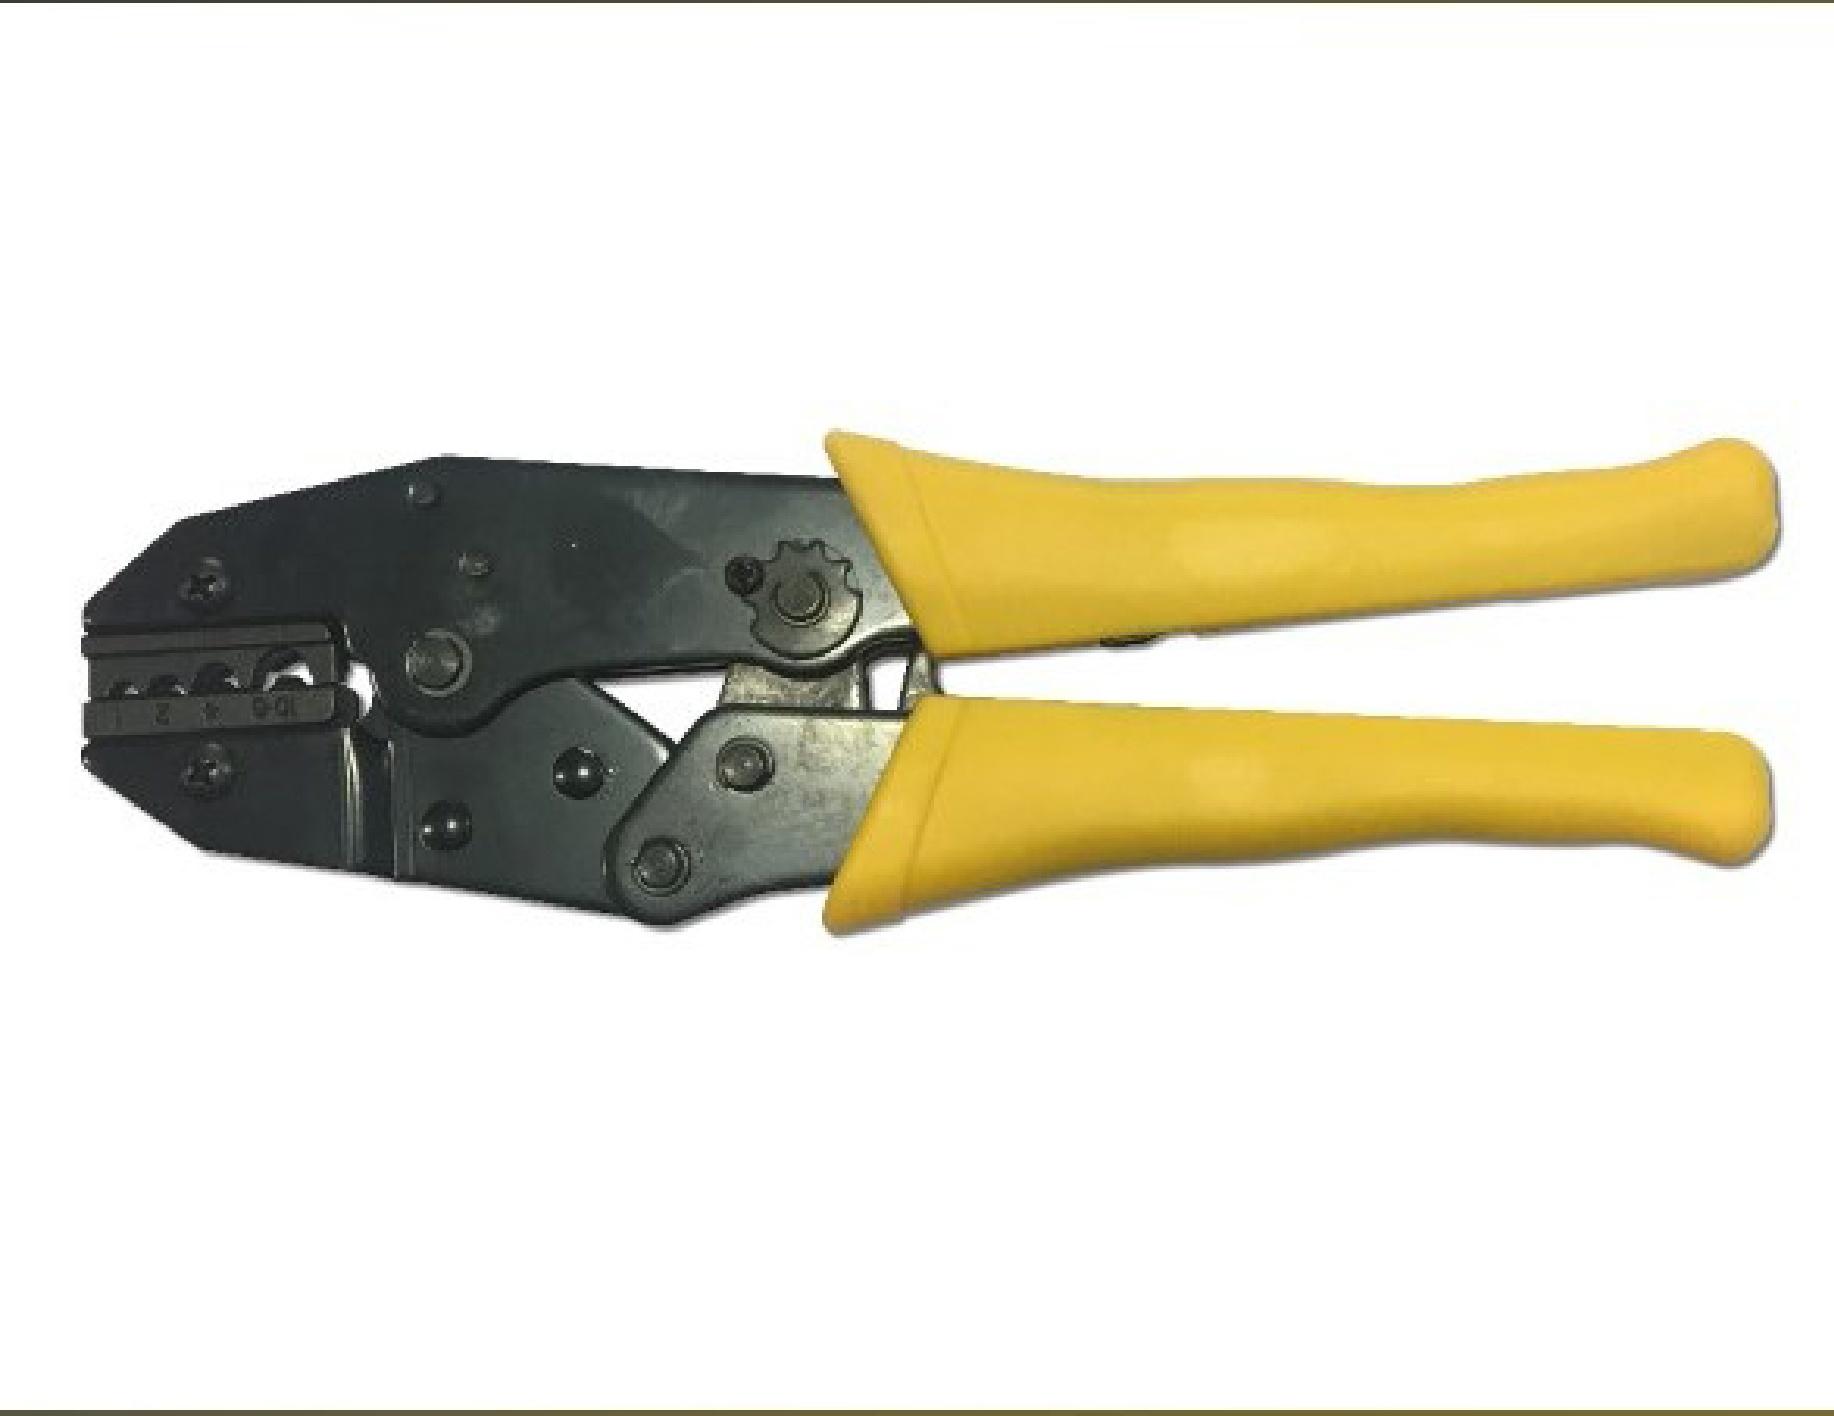 Connector Crimping Tool: Tang voor het vastsknijpen van de Spade Connector op de Lead Wire - Promacom